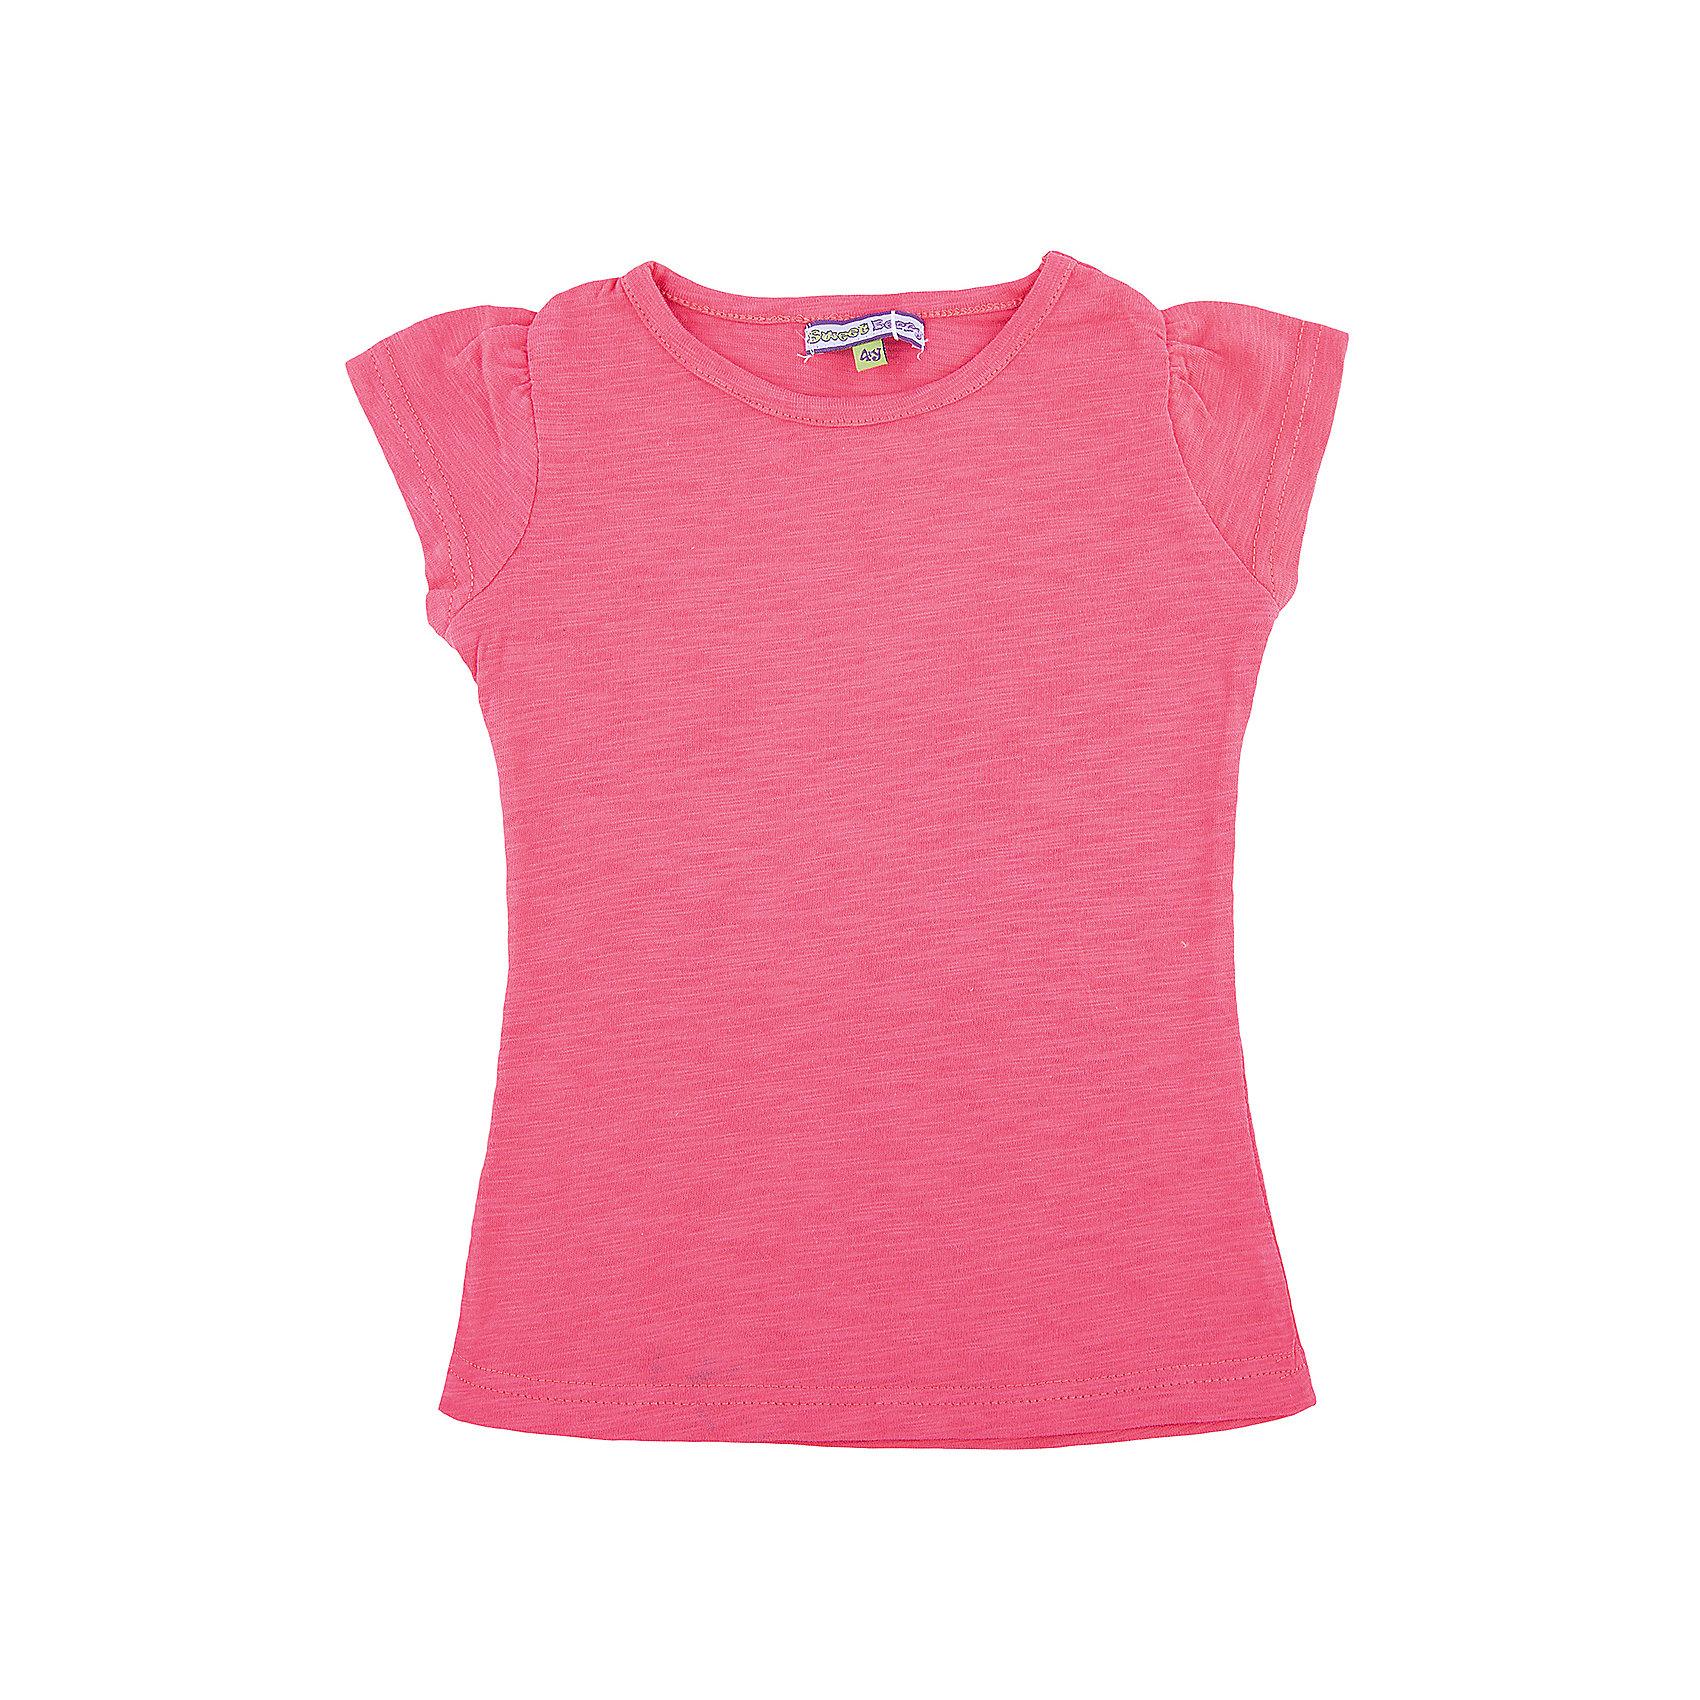 Футболка для девочки Sweet BerryФутболки, поло и топы<br>Базовая футболка из эластичного трикотажа. Футболка приталенного силуэта.<br>Состав:<br>100% хлопок<br><br>Ширина мм: 199<br>Глубина мм: 10<br>Высота мм: 161<br>Вес г: 151<br>Цвет: розовый<br>Возраст от месяцев: 84<br>Возраст до месяцев: 96<br>Пол: Женский<br>Возраст: Детский<br>Размер: 128,104,98,122,110,116<br>SKU: 4521474